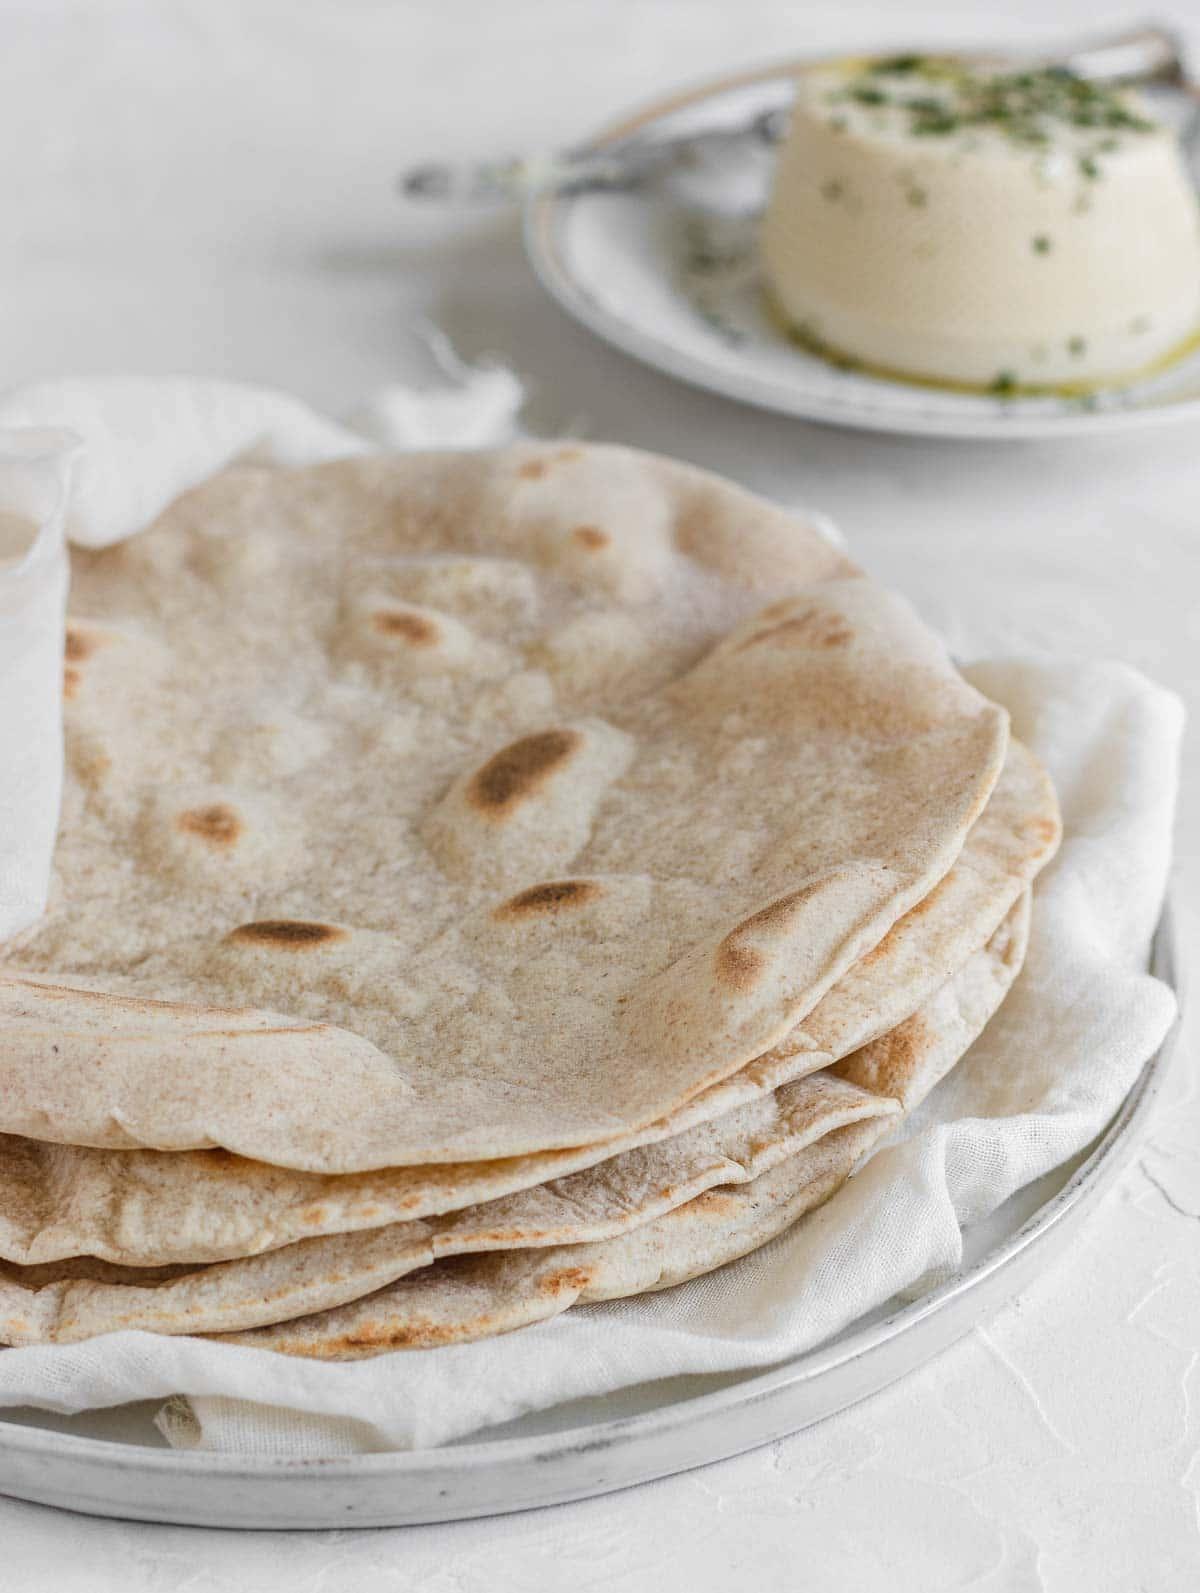 piadina - Italian flat bread